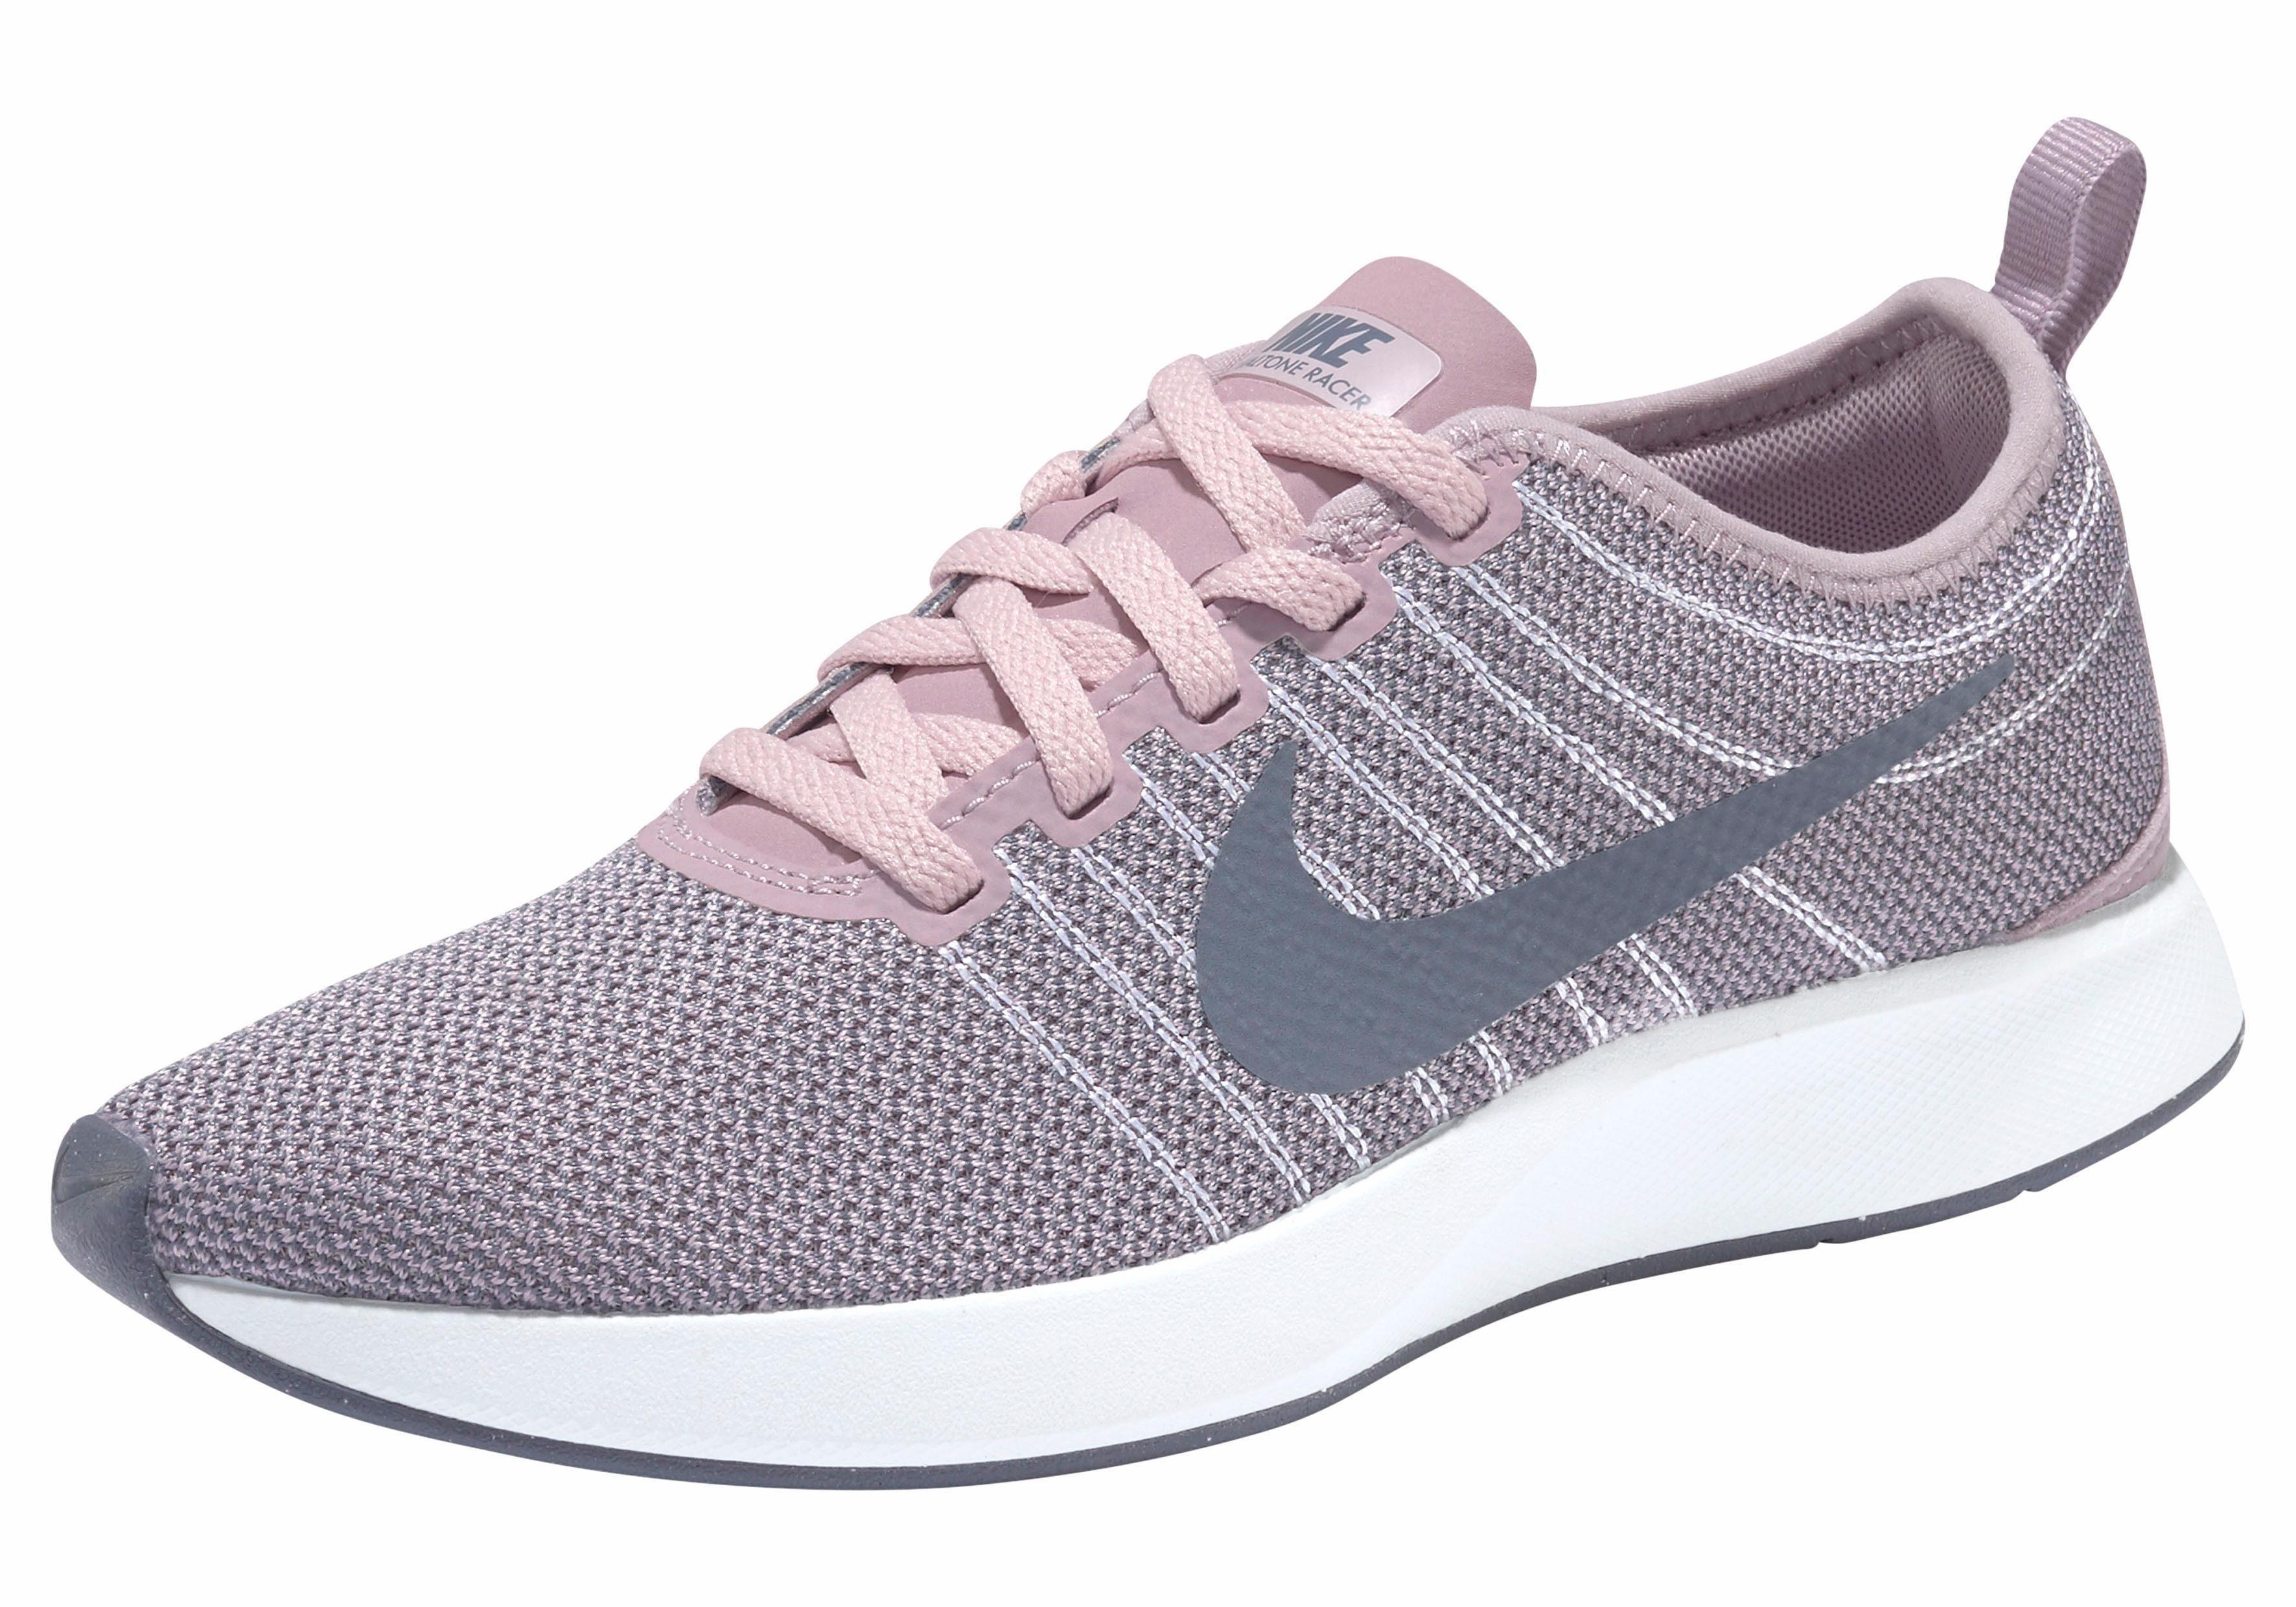 Nike Sportswear Wmns Dualtone Racer Sneaker  rosé